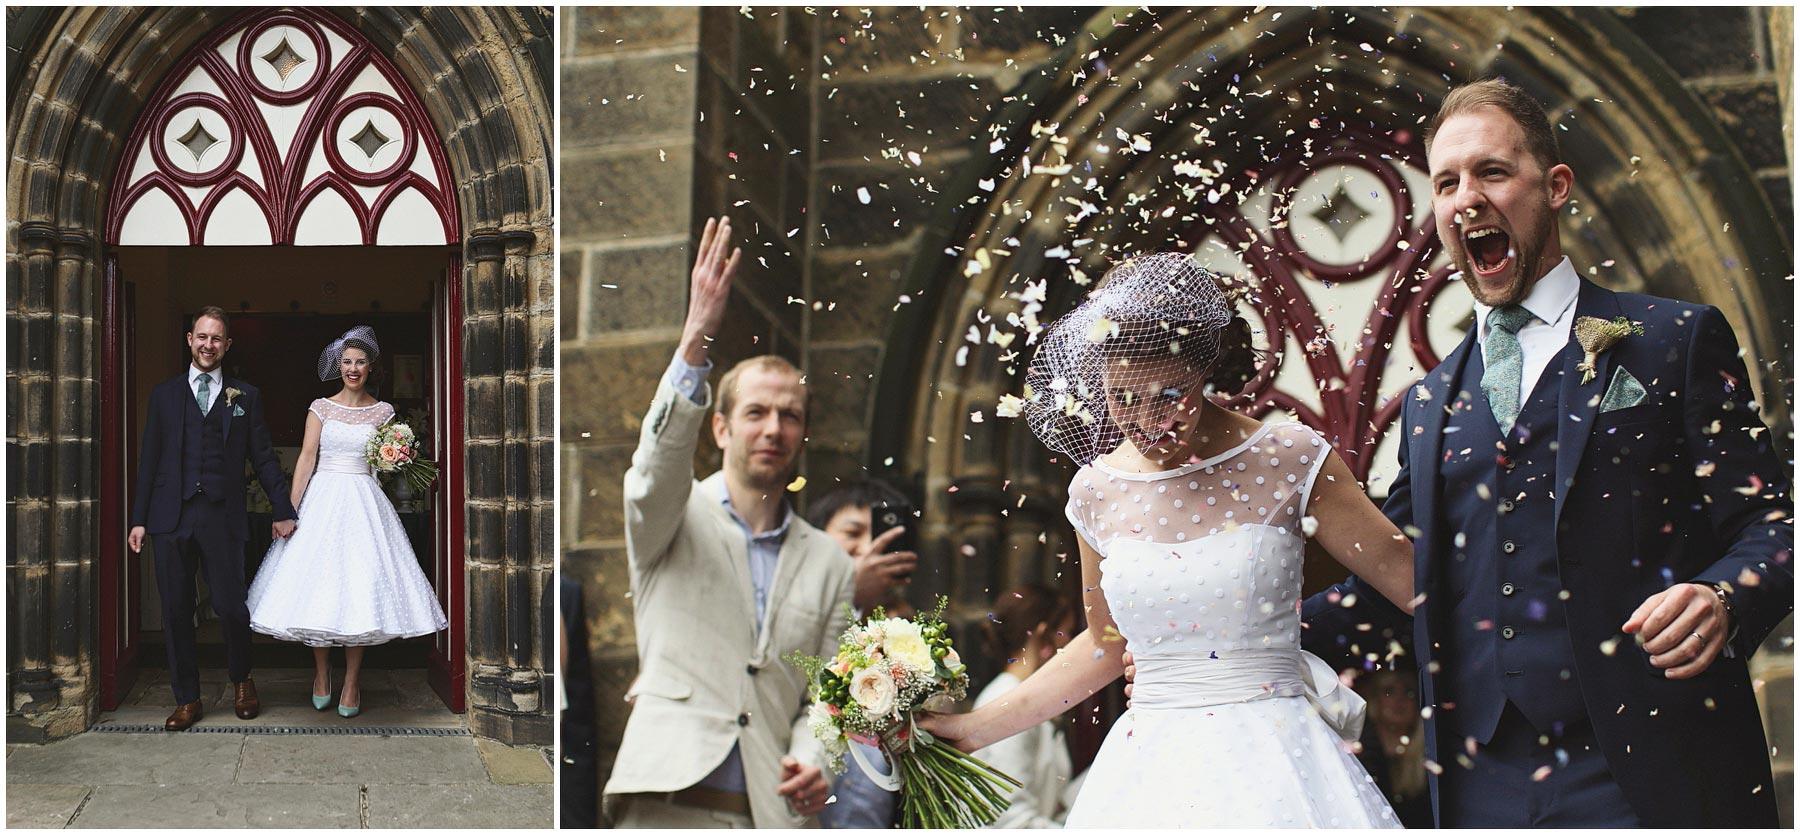 the-spiced-pear-wedding-photographer_0046